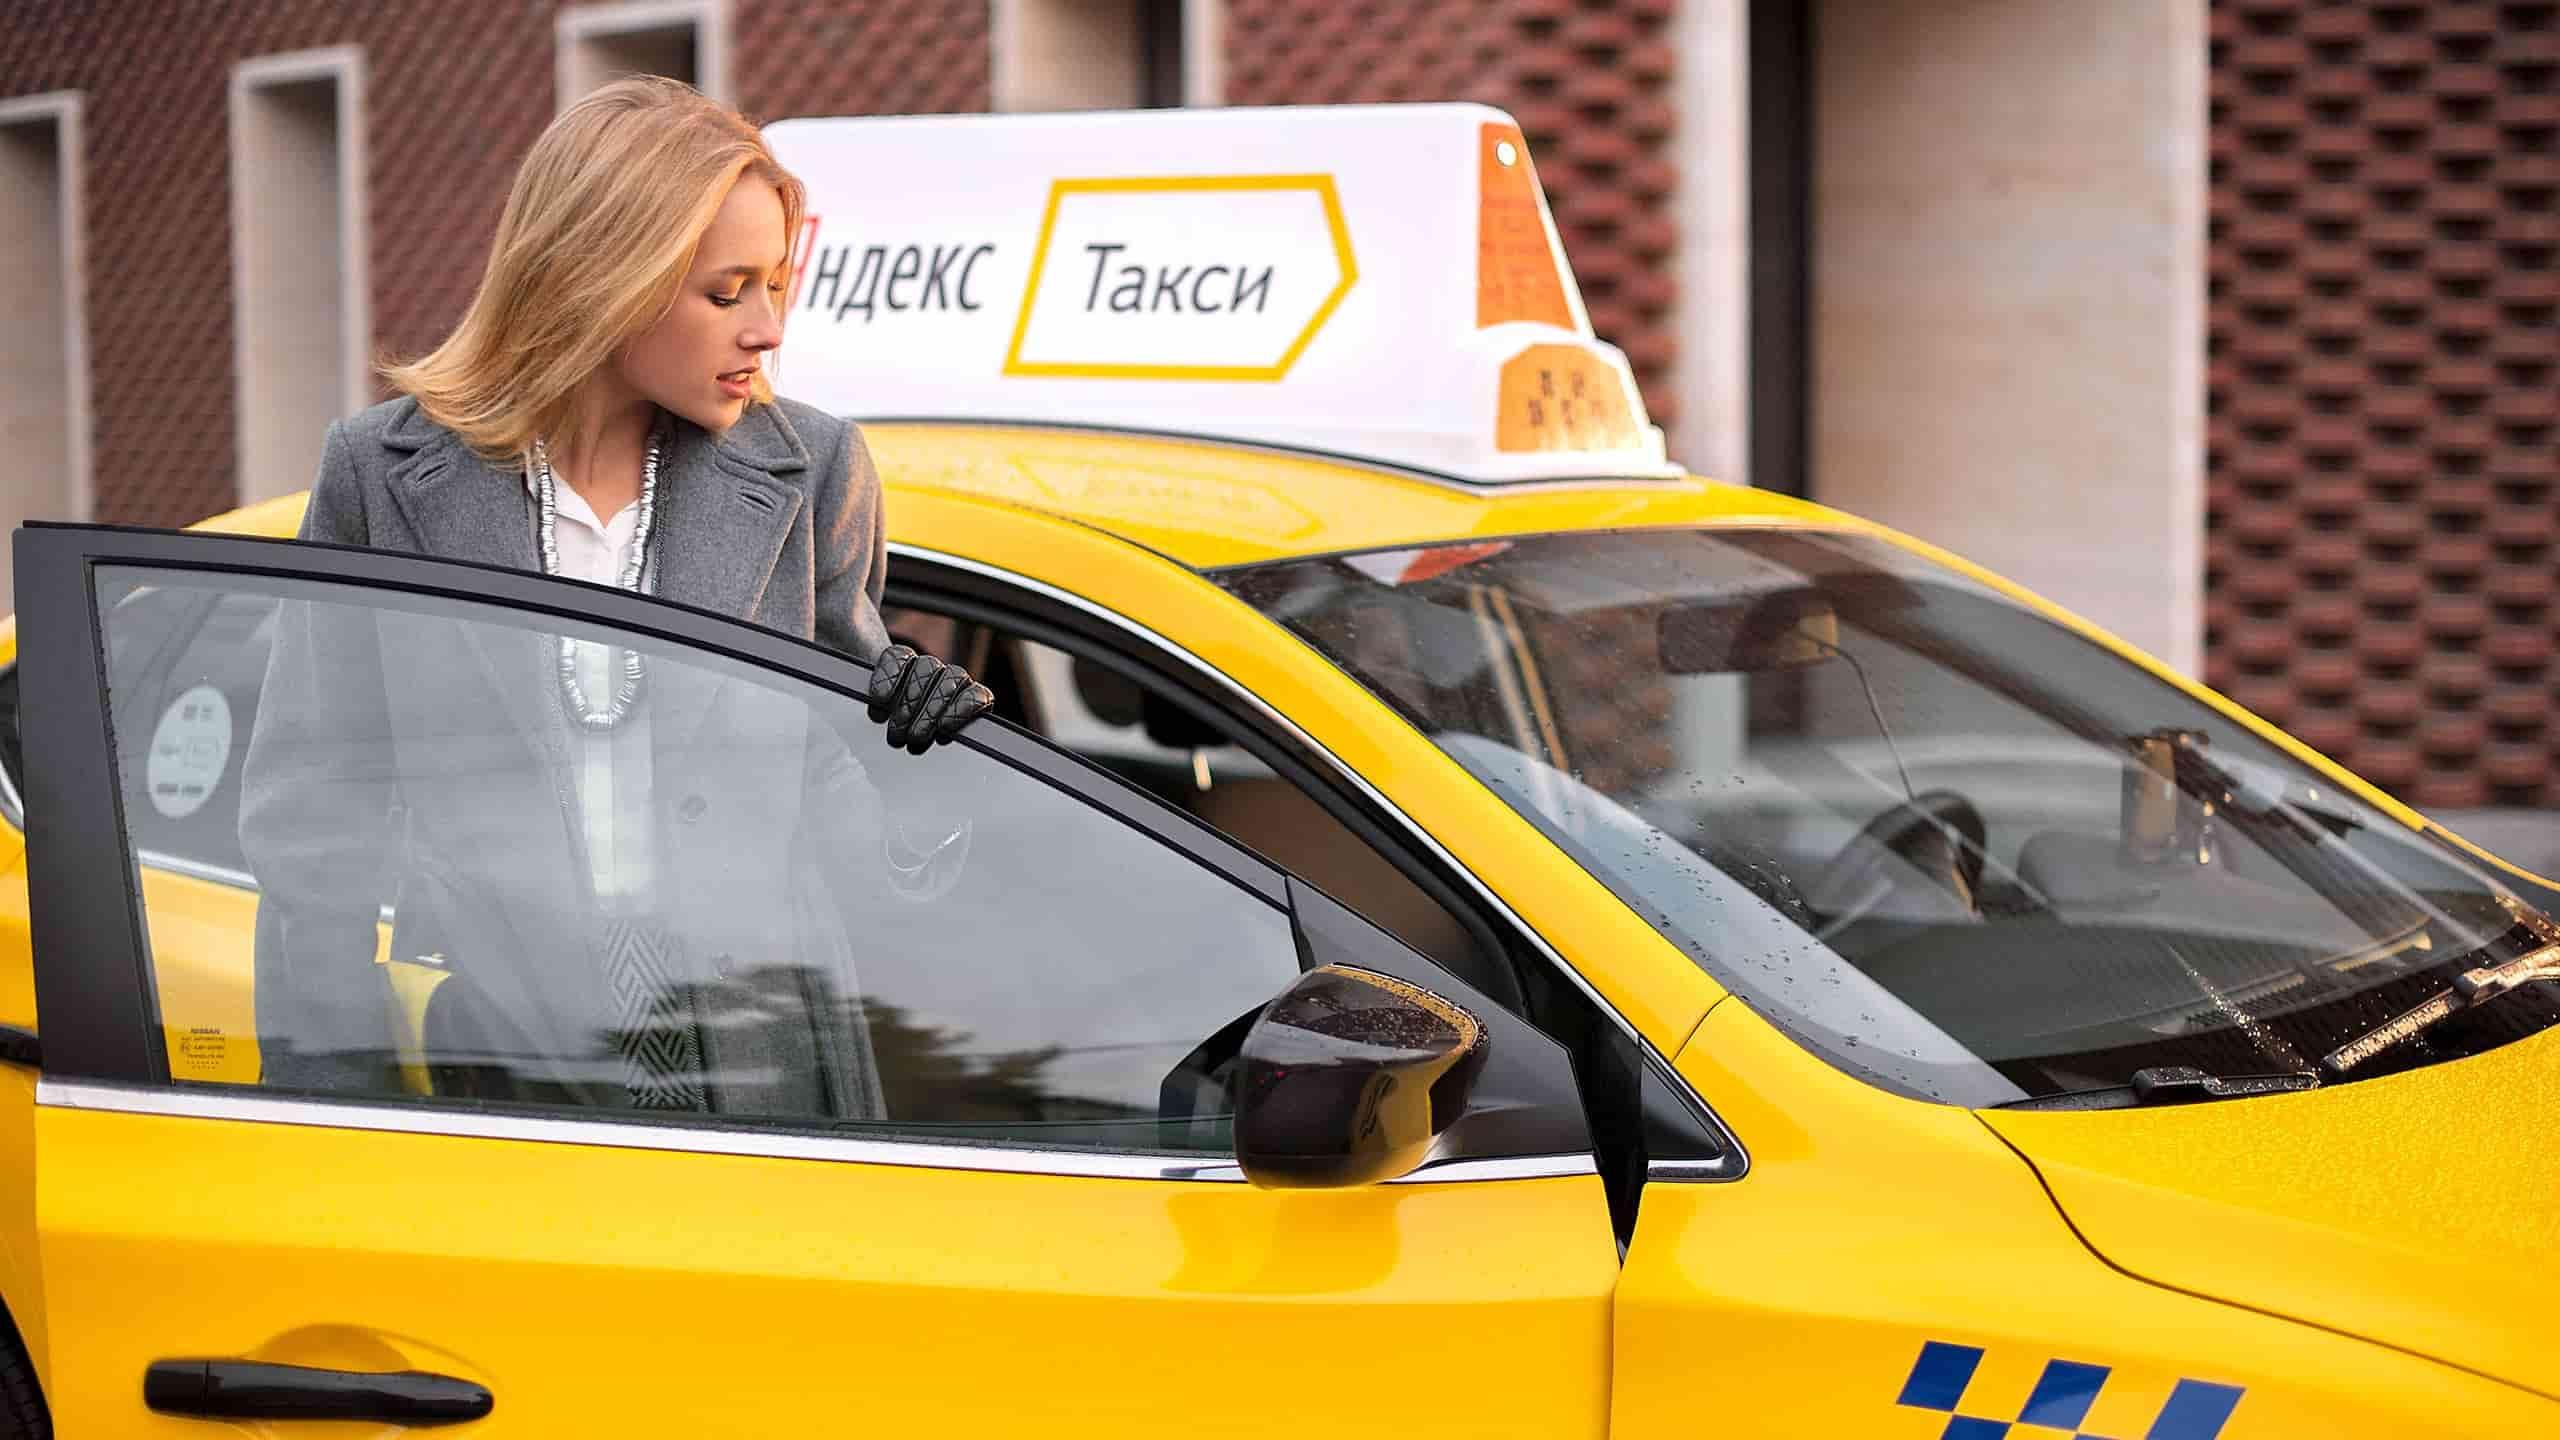 Заказ такси гетт москва